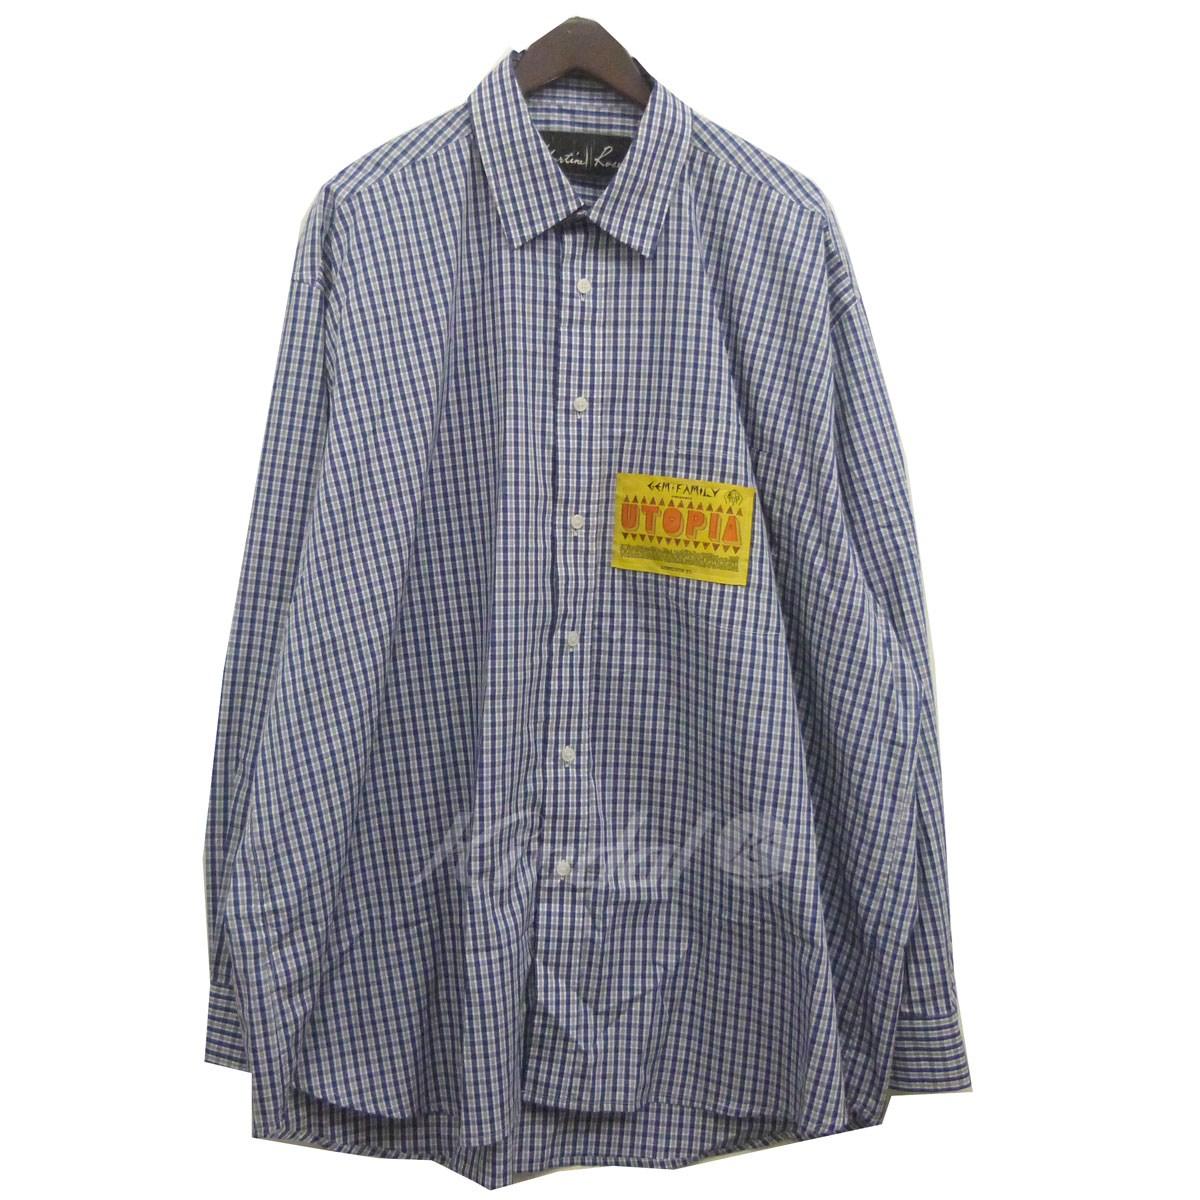 【中古】MARTINE ROSE 18AWボーイフレンドシャツ ブルー×ネイビー サイズ:M 【送料無料】 【271018】(マーティン ローズ)